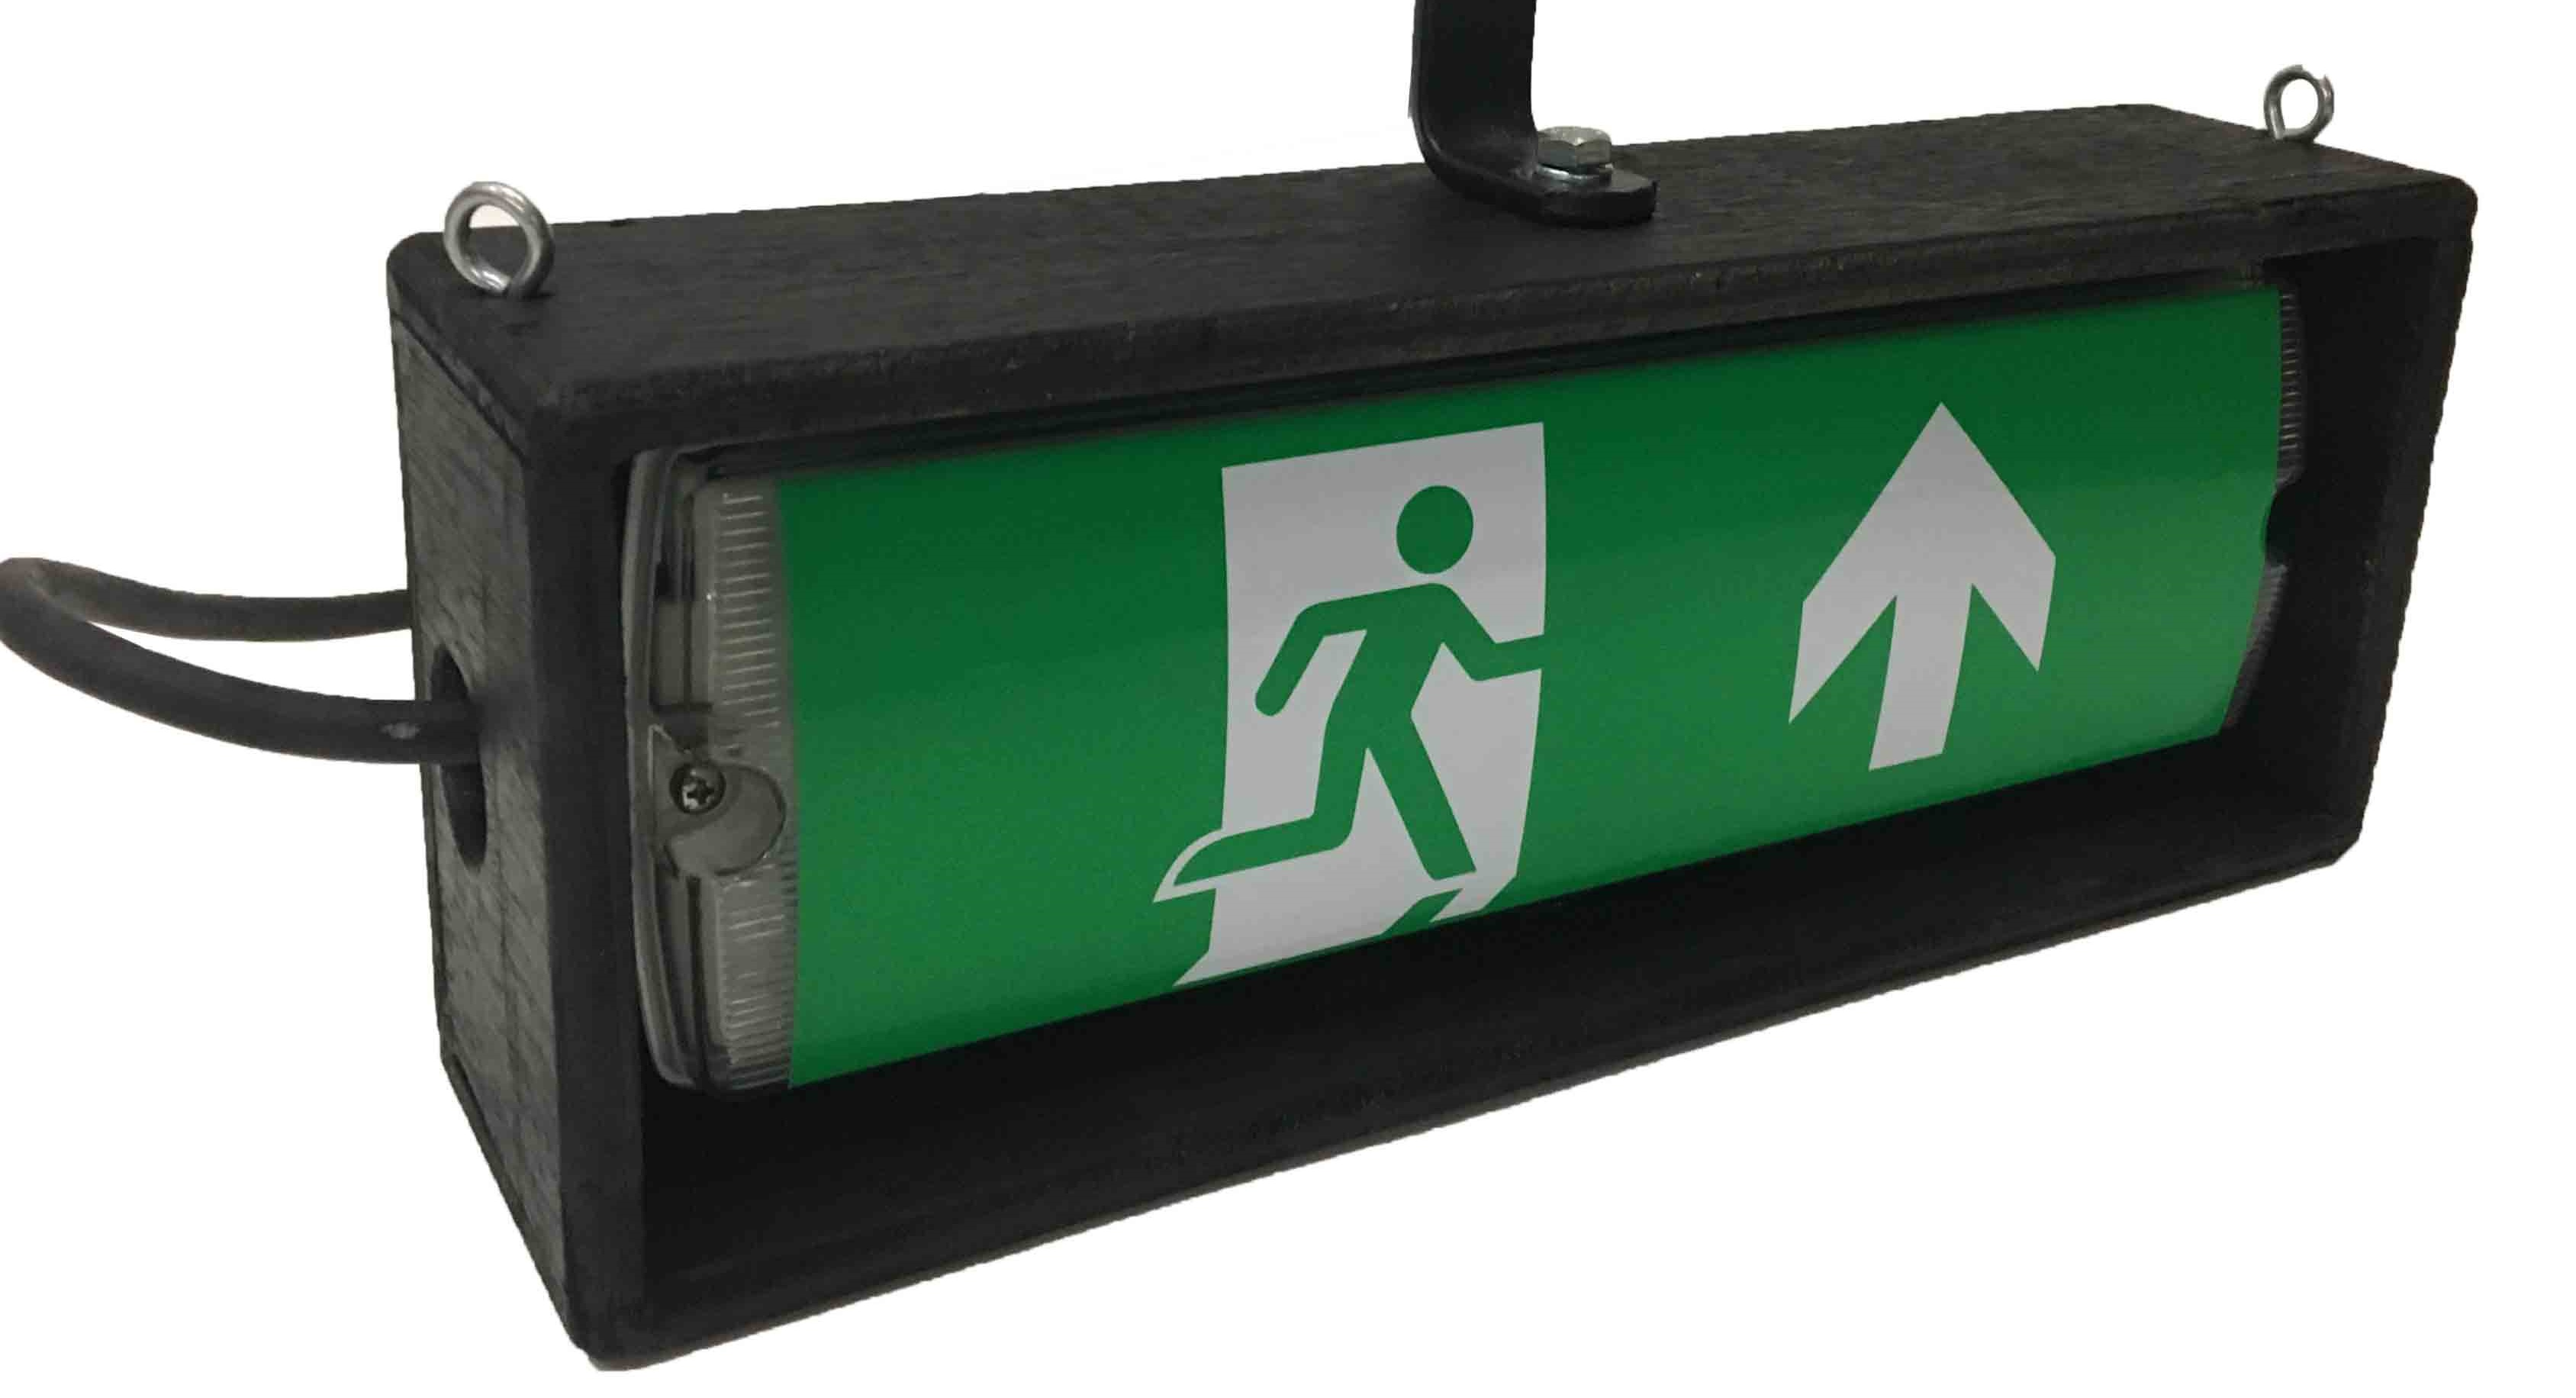 verlichting alsmede verlichte nooduitgang bordjes led ook deze noodverlichting kunnen wij eenvoudig versturen naar maastricht middels de verzendbox